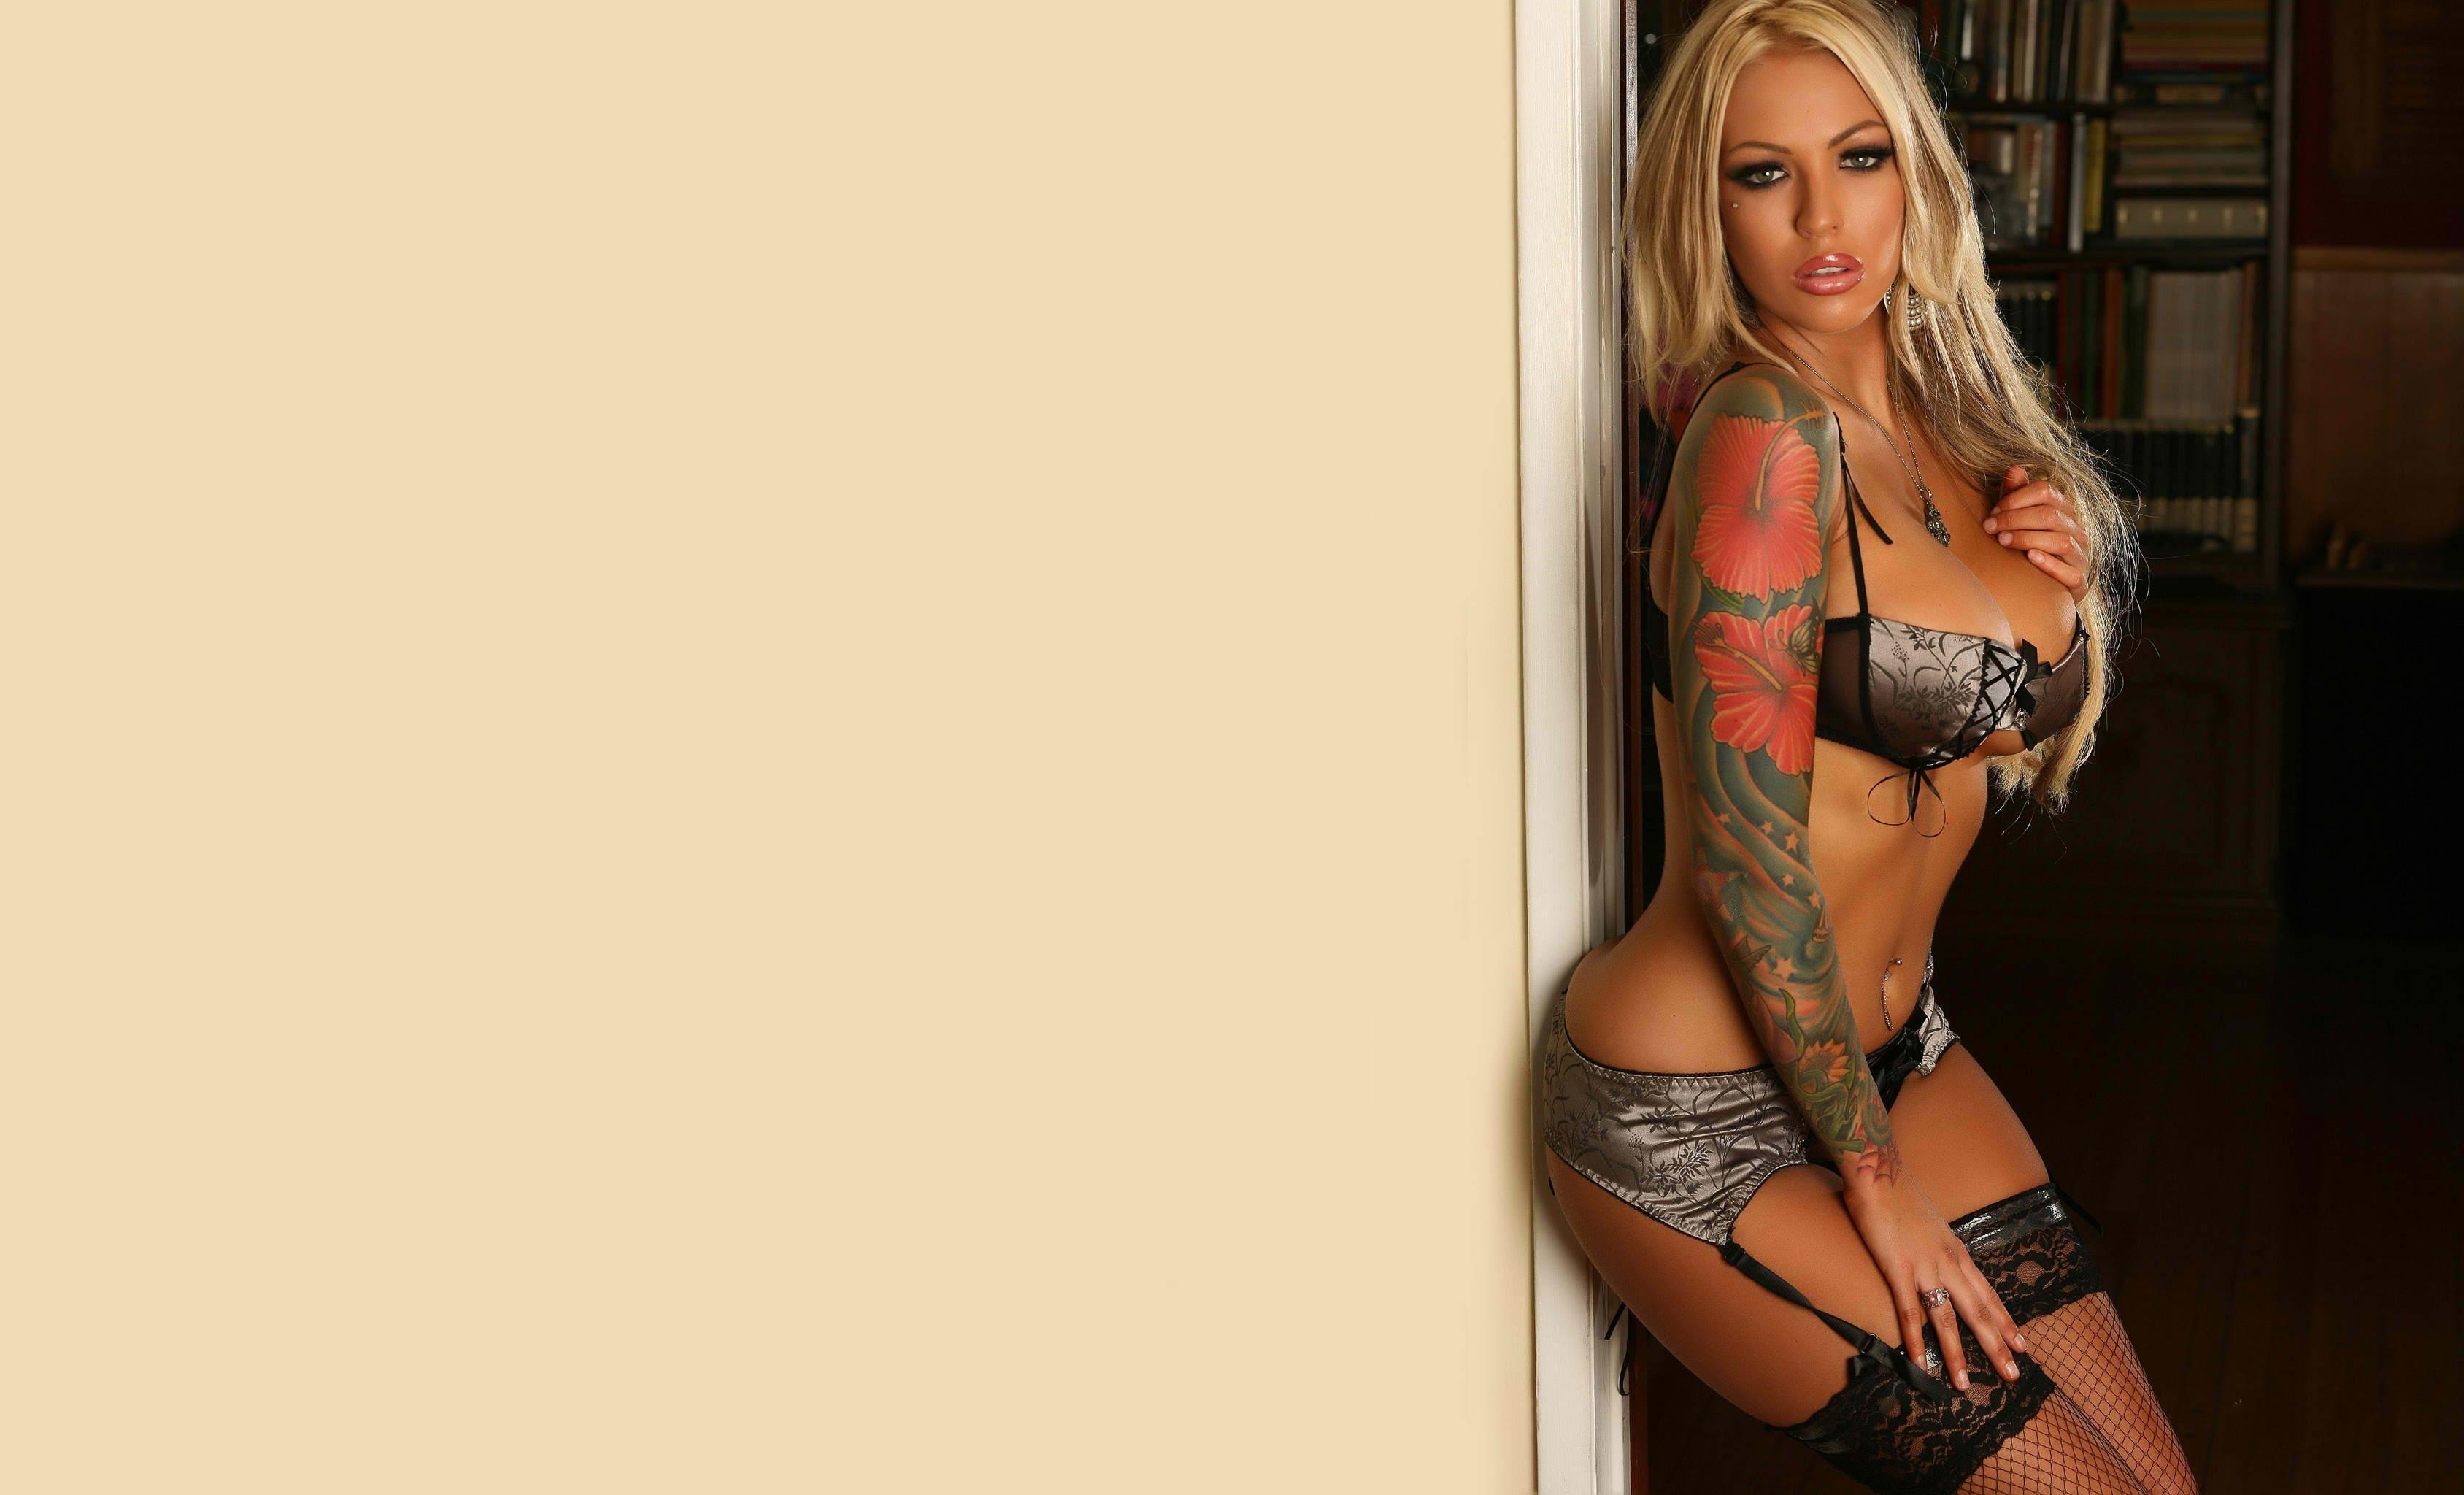 Татуированная красотка с большими сиськами мастурбирует на диване  703084